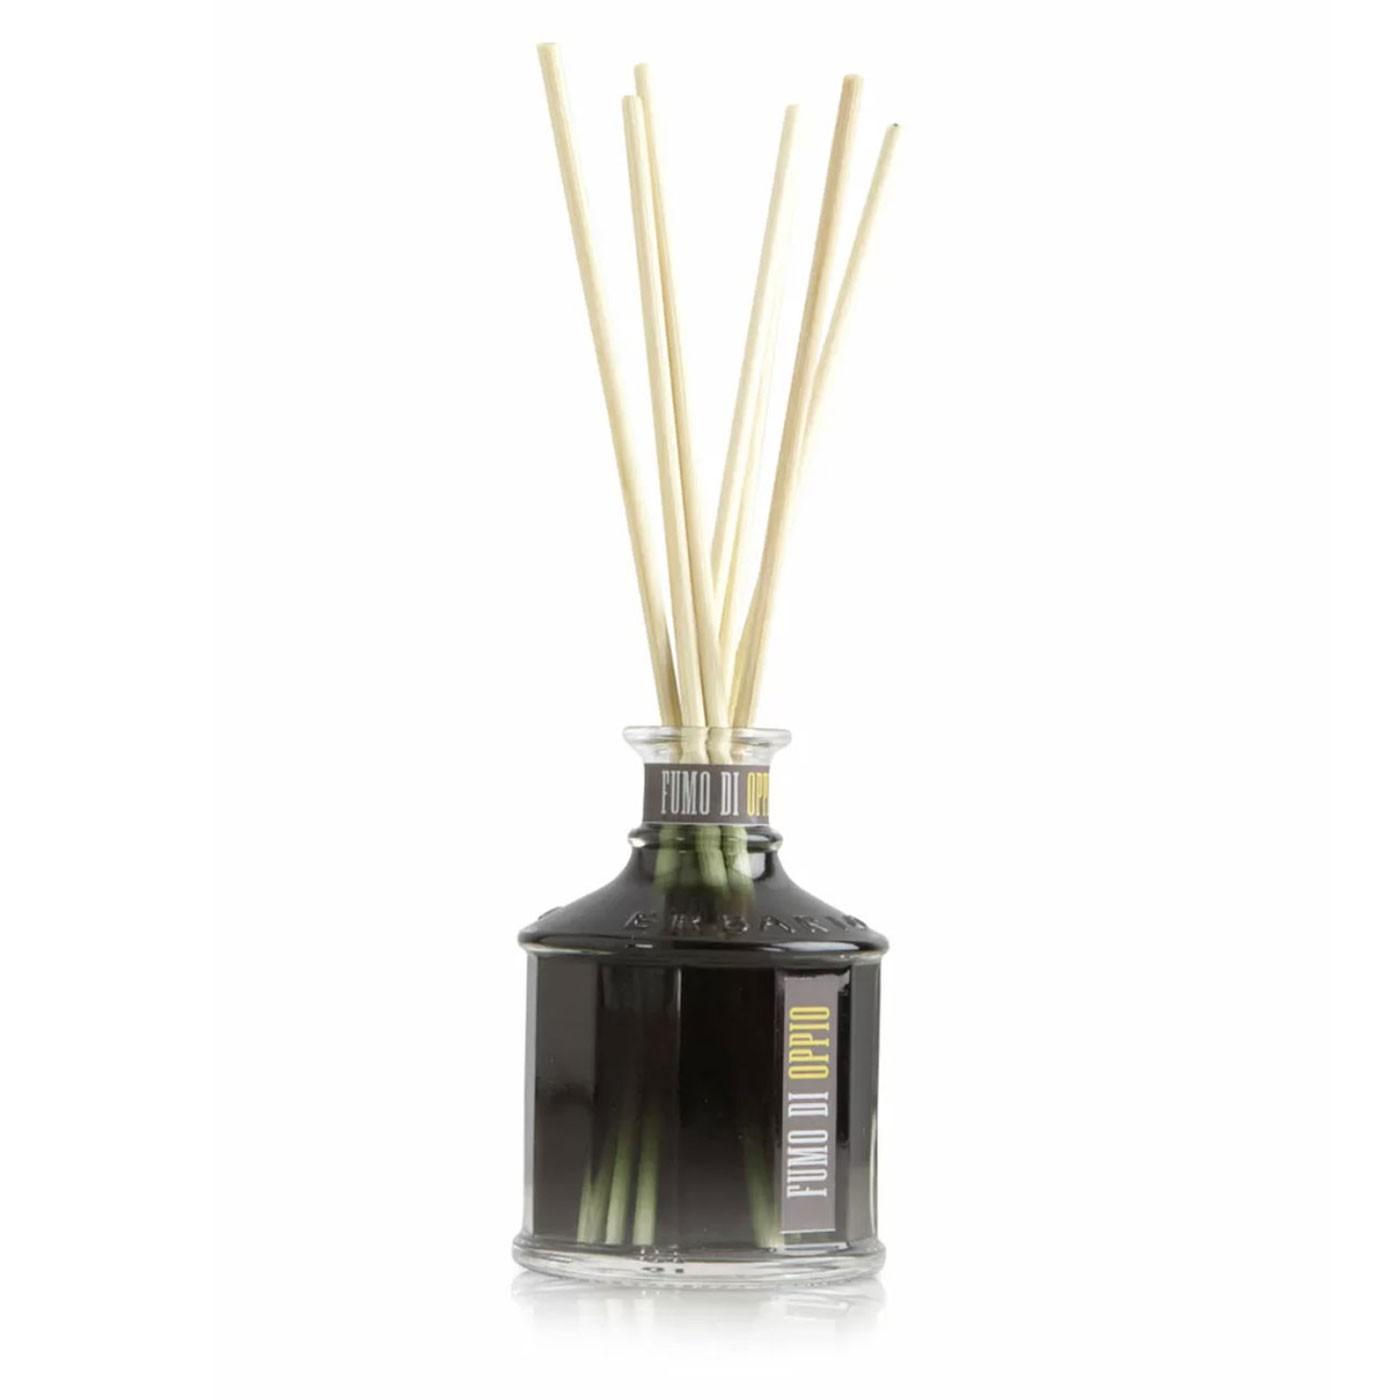 Fumo di Oppio Fragrance Diffuser 34 oz - Erbario Toscano | Eataly.com